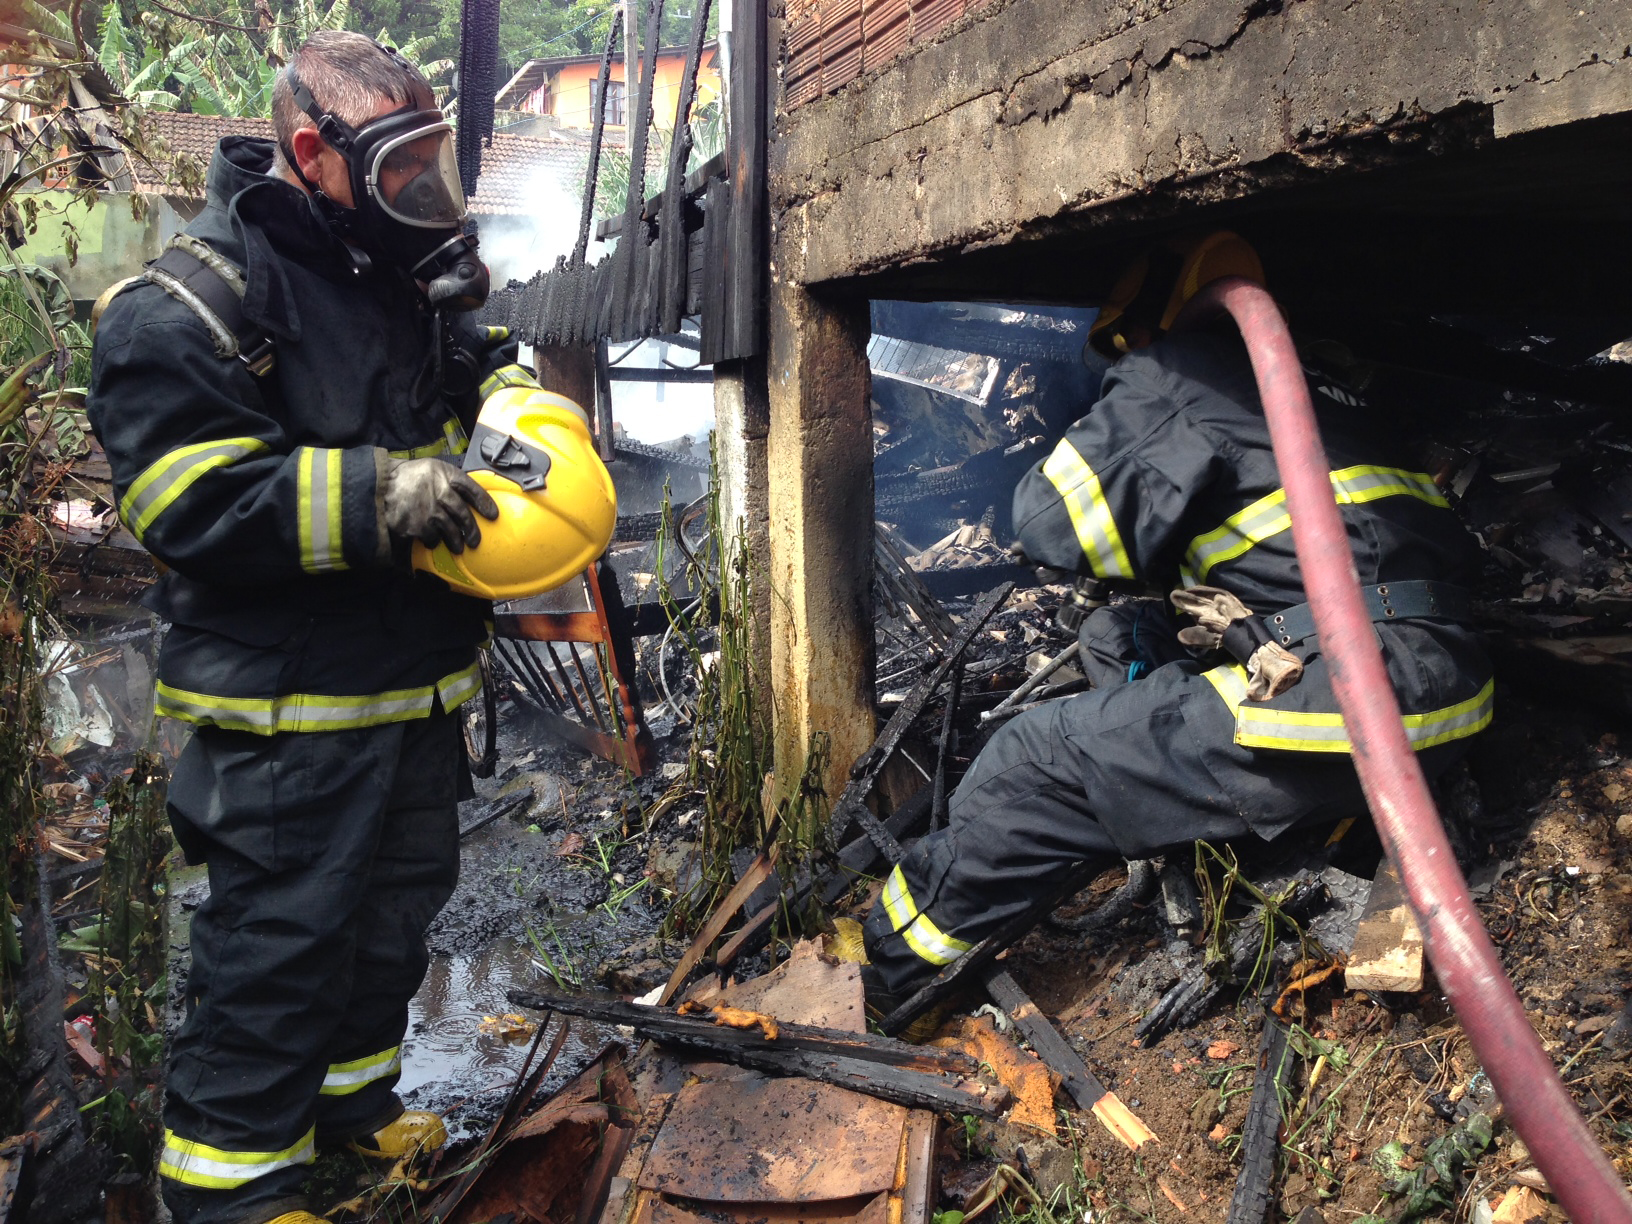 Bombeiros controlam incêndio em casa no Maciço do Morro da Cruz, em Florianópolis